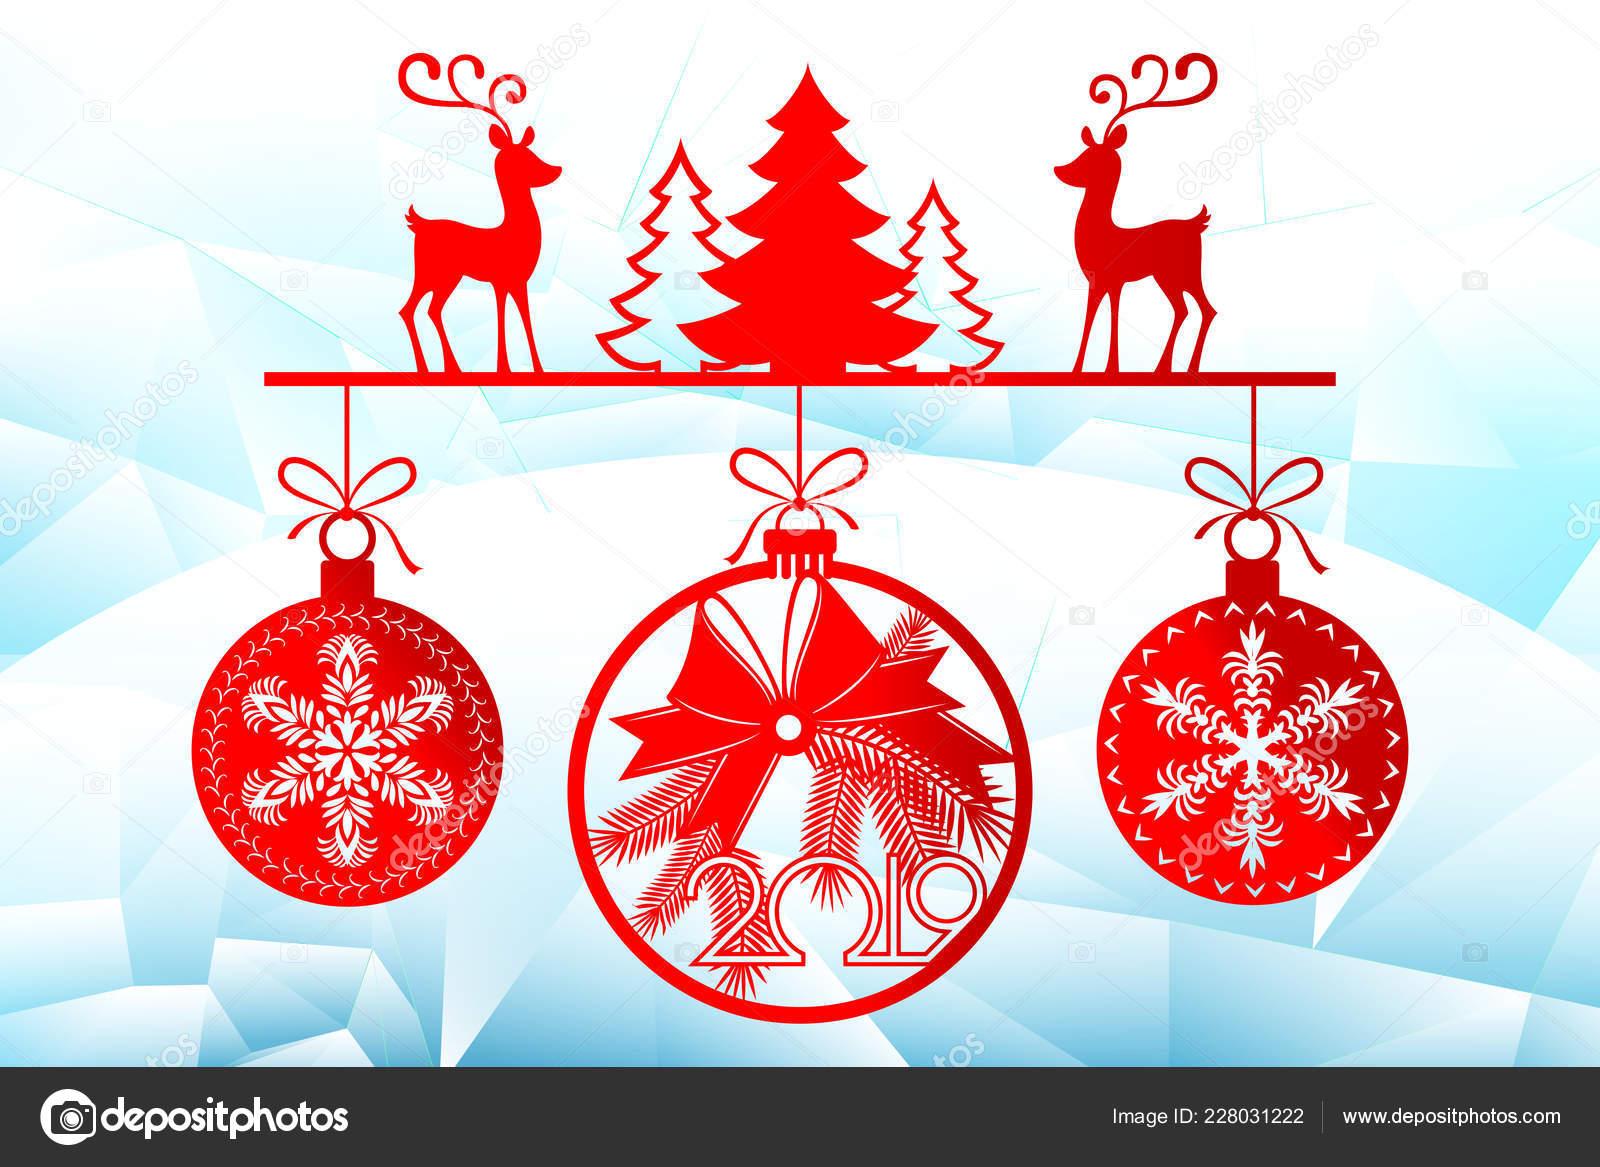 Plantillas Para Decorar Ventanas En Navidad.Ano Nuevo Navidad Plantillas De Corte Por Laser